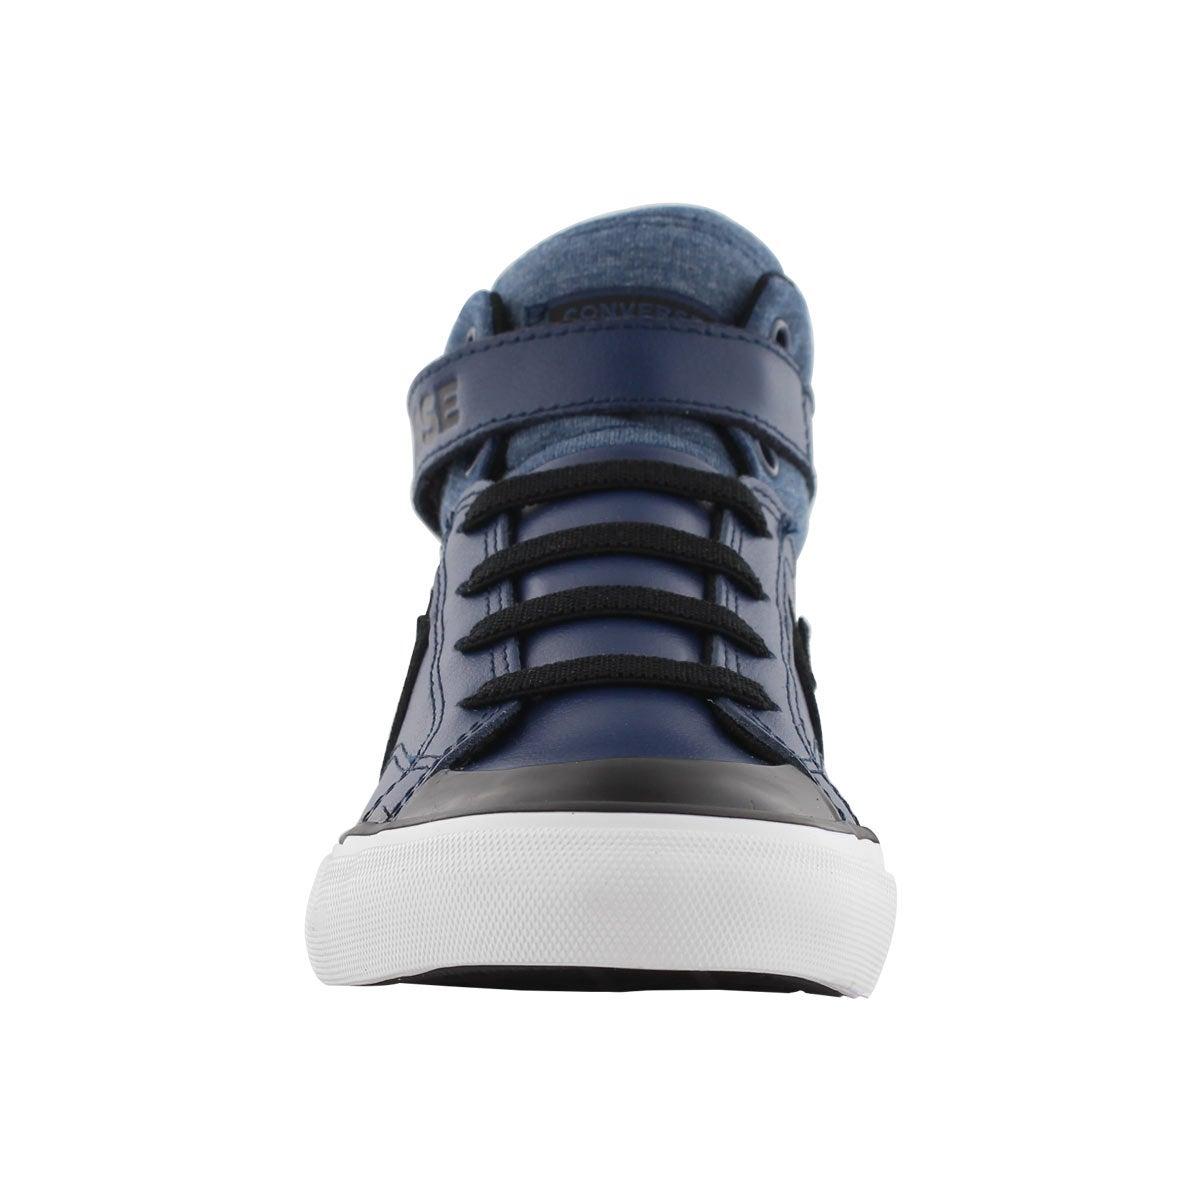 Bys Pro Blaze Strap nvy hi top sneaker